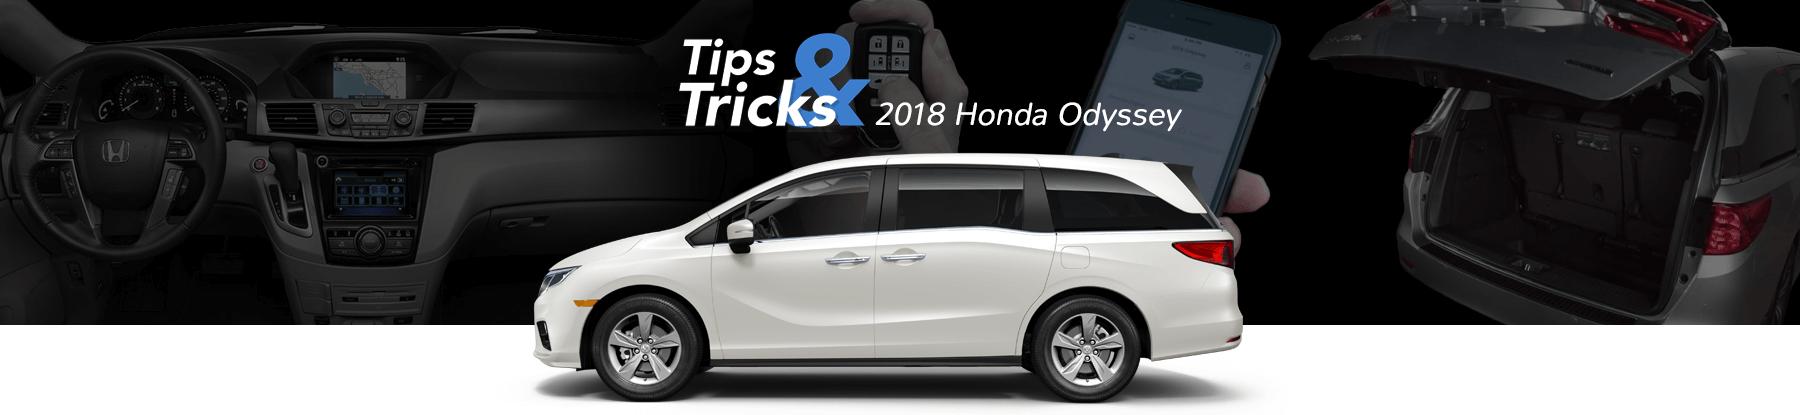 2018 Honda Odyssey Tips & Tricks Banner